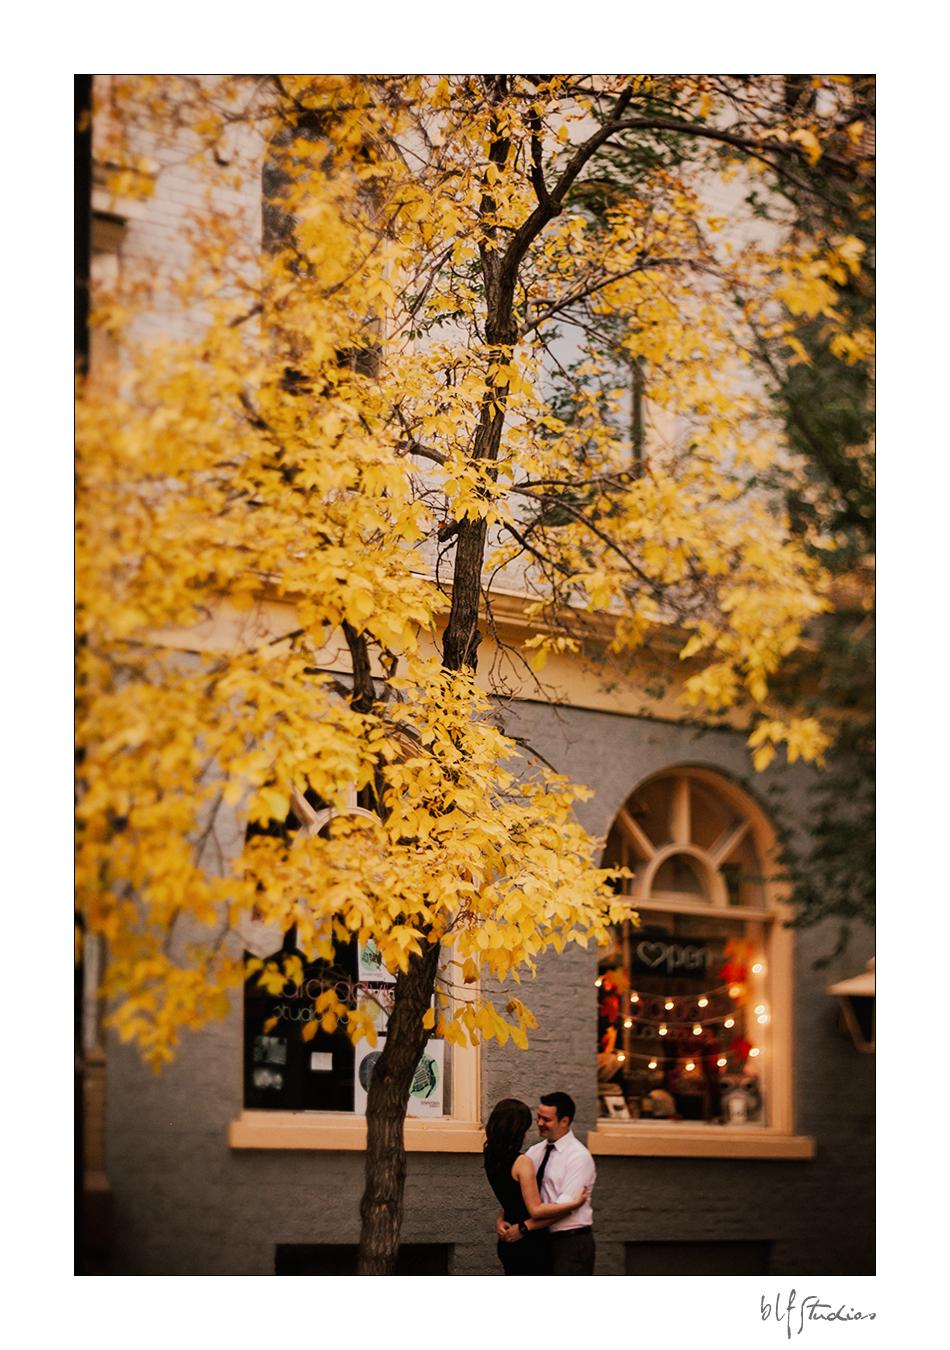 023-winnipeg-exchange-district-engagement-photos-amanda-justin.jpg